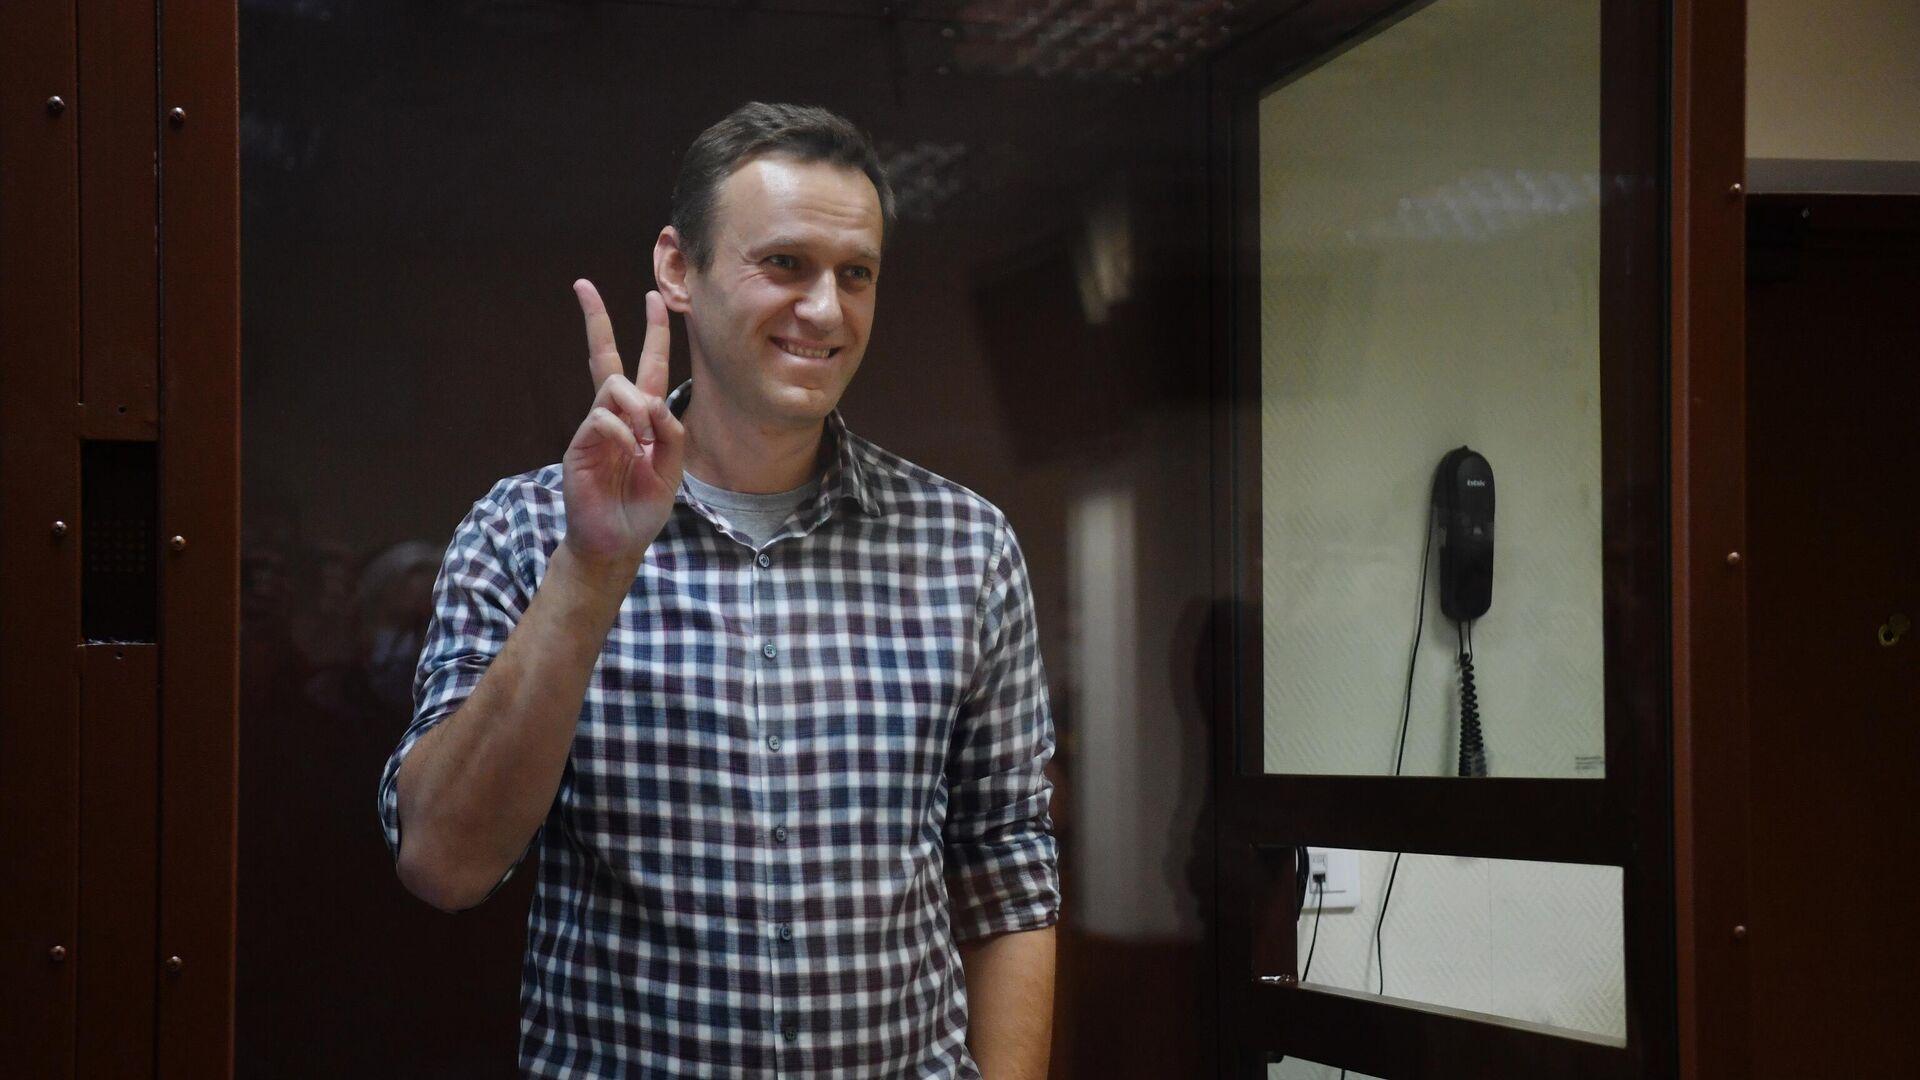 Судьба Навального может решиться уже сегодня – суд рассмотрит сразу 2 дела